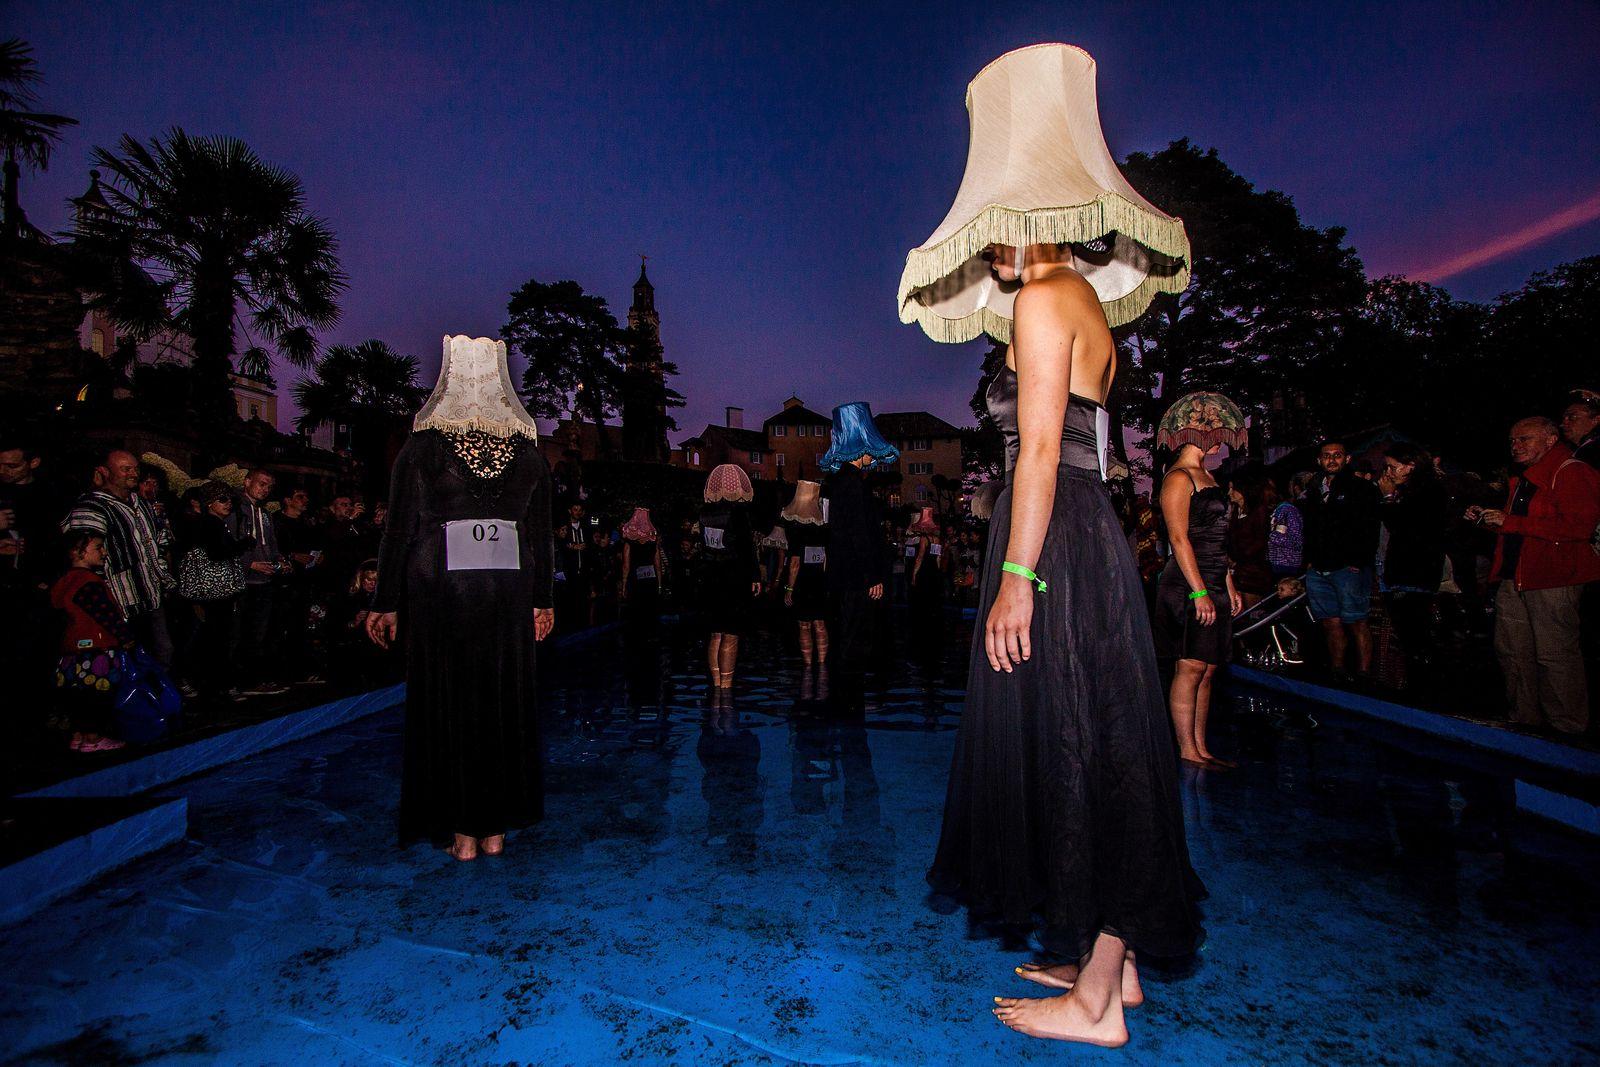 Lampshade Dancers